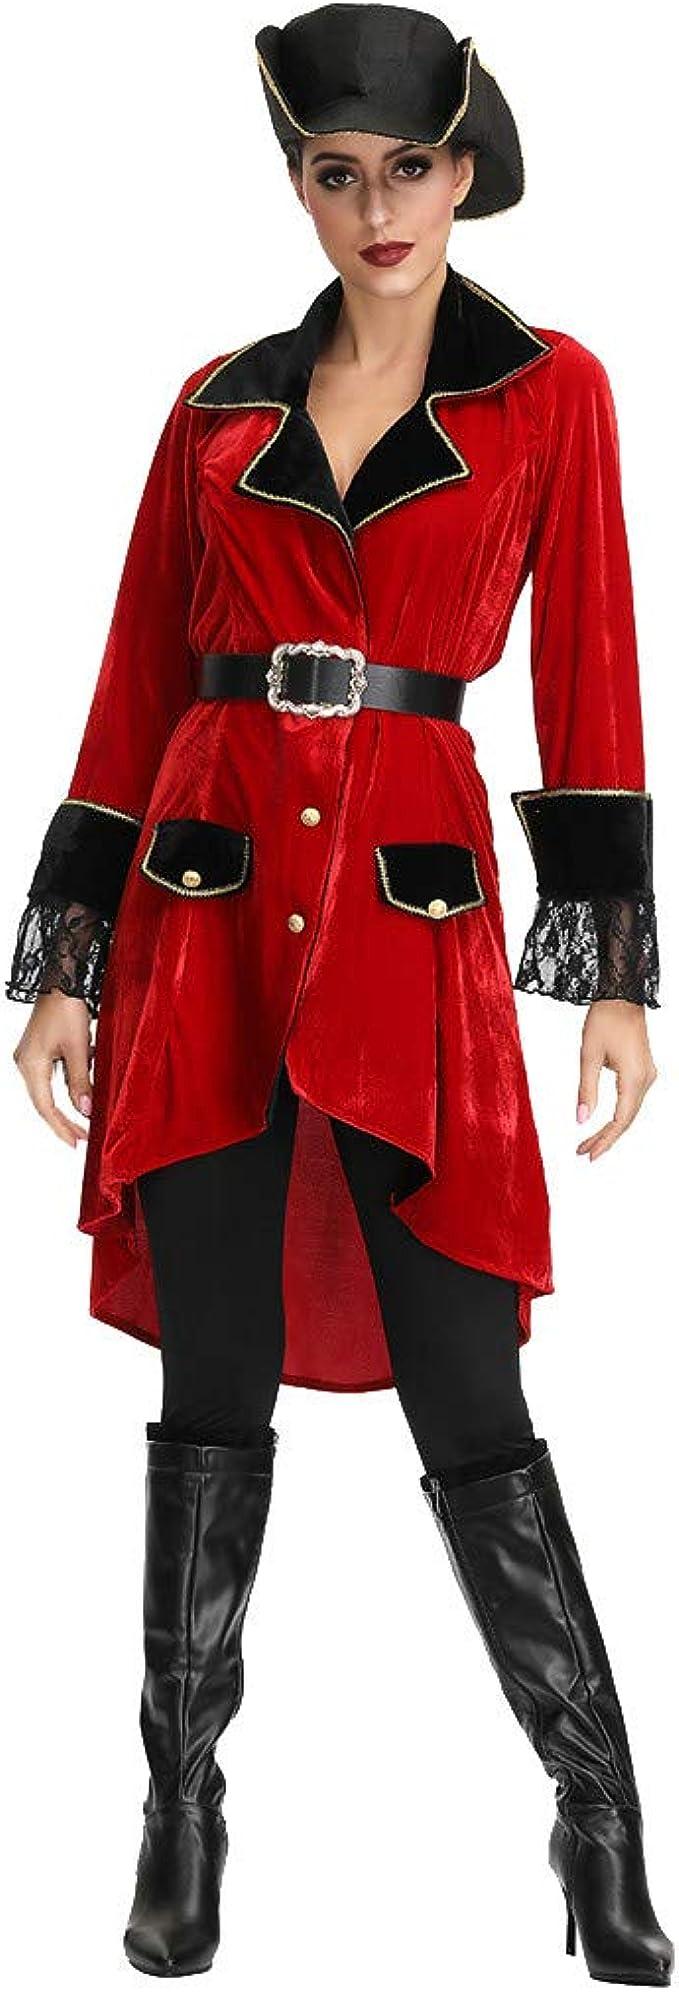 TOFOTL - Disfraz de Pirata para Mujer, para Cosplay, fácil de Usar ...